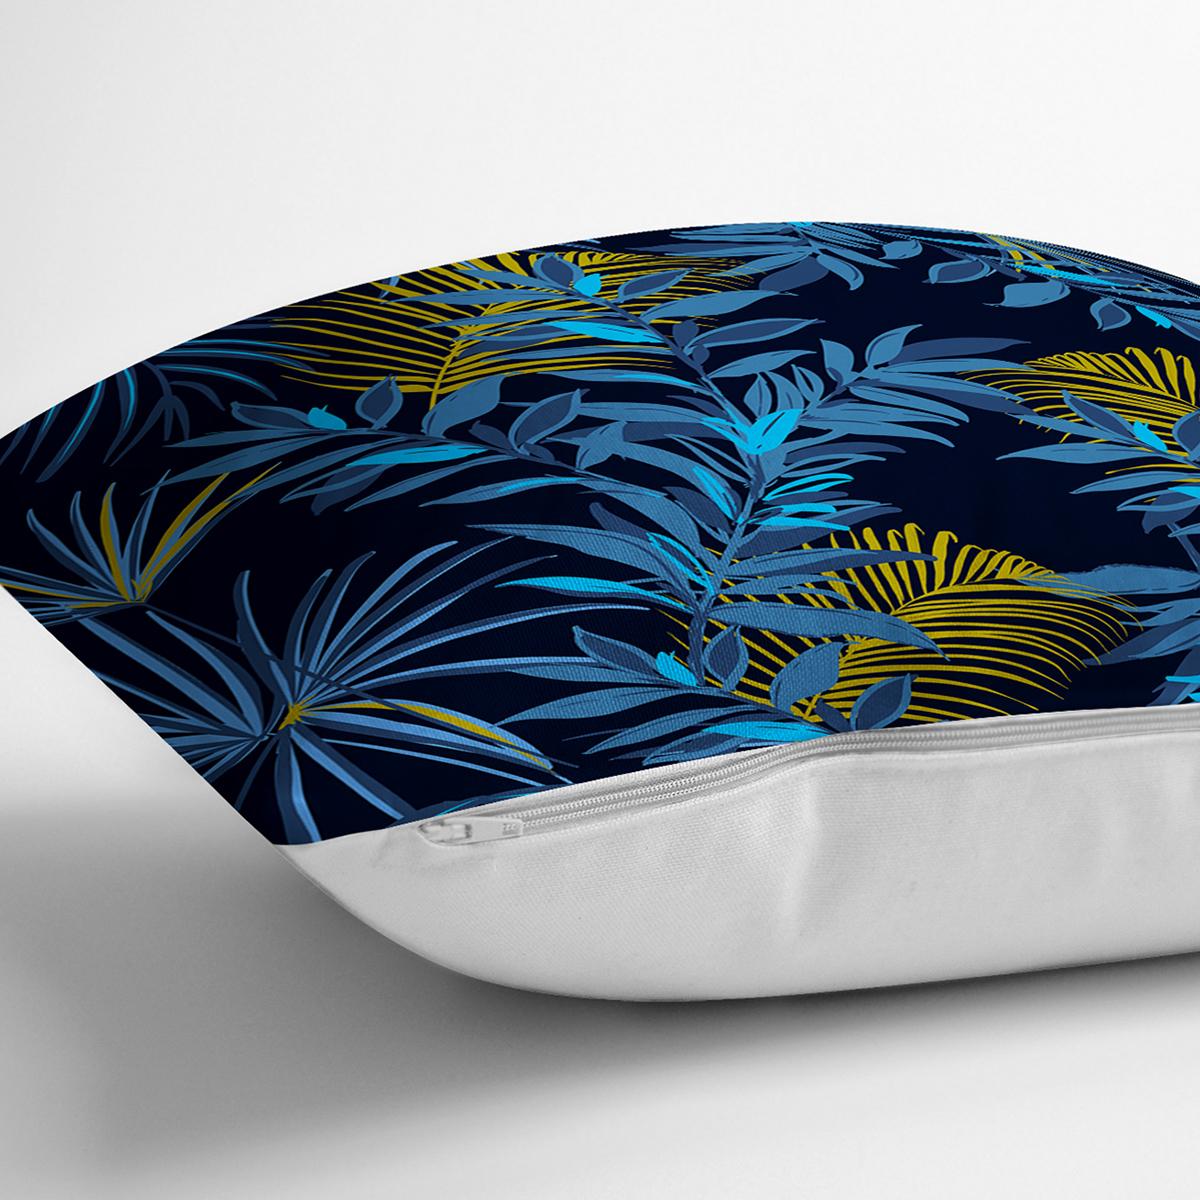 Siyah Zemin Üzerinde Gold Detaylı Mavi Yaprak Desenli Yastık Kırlent Kılıfı Realhomes